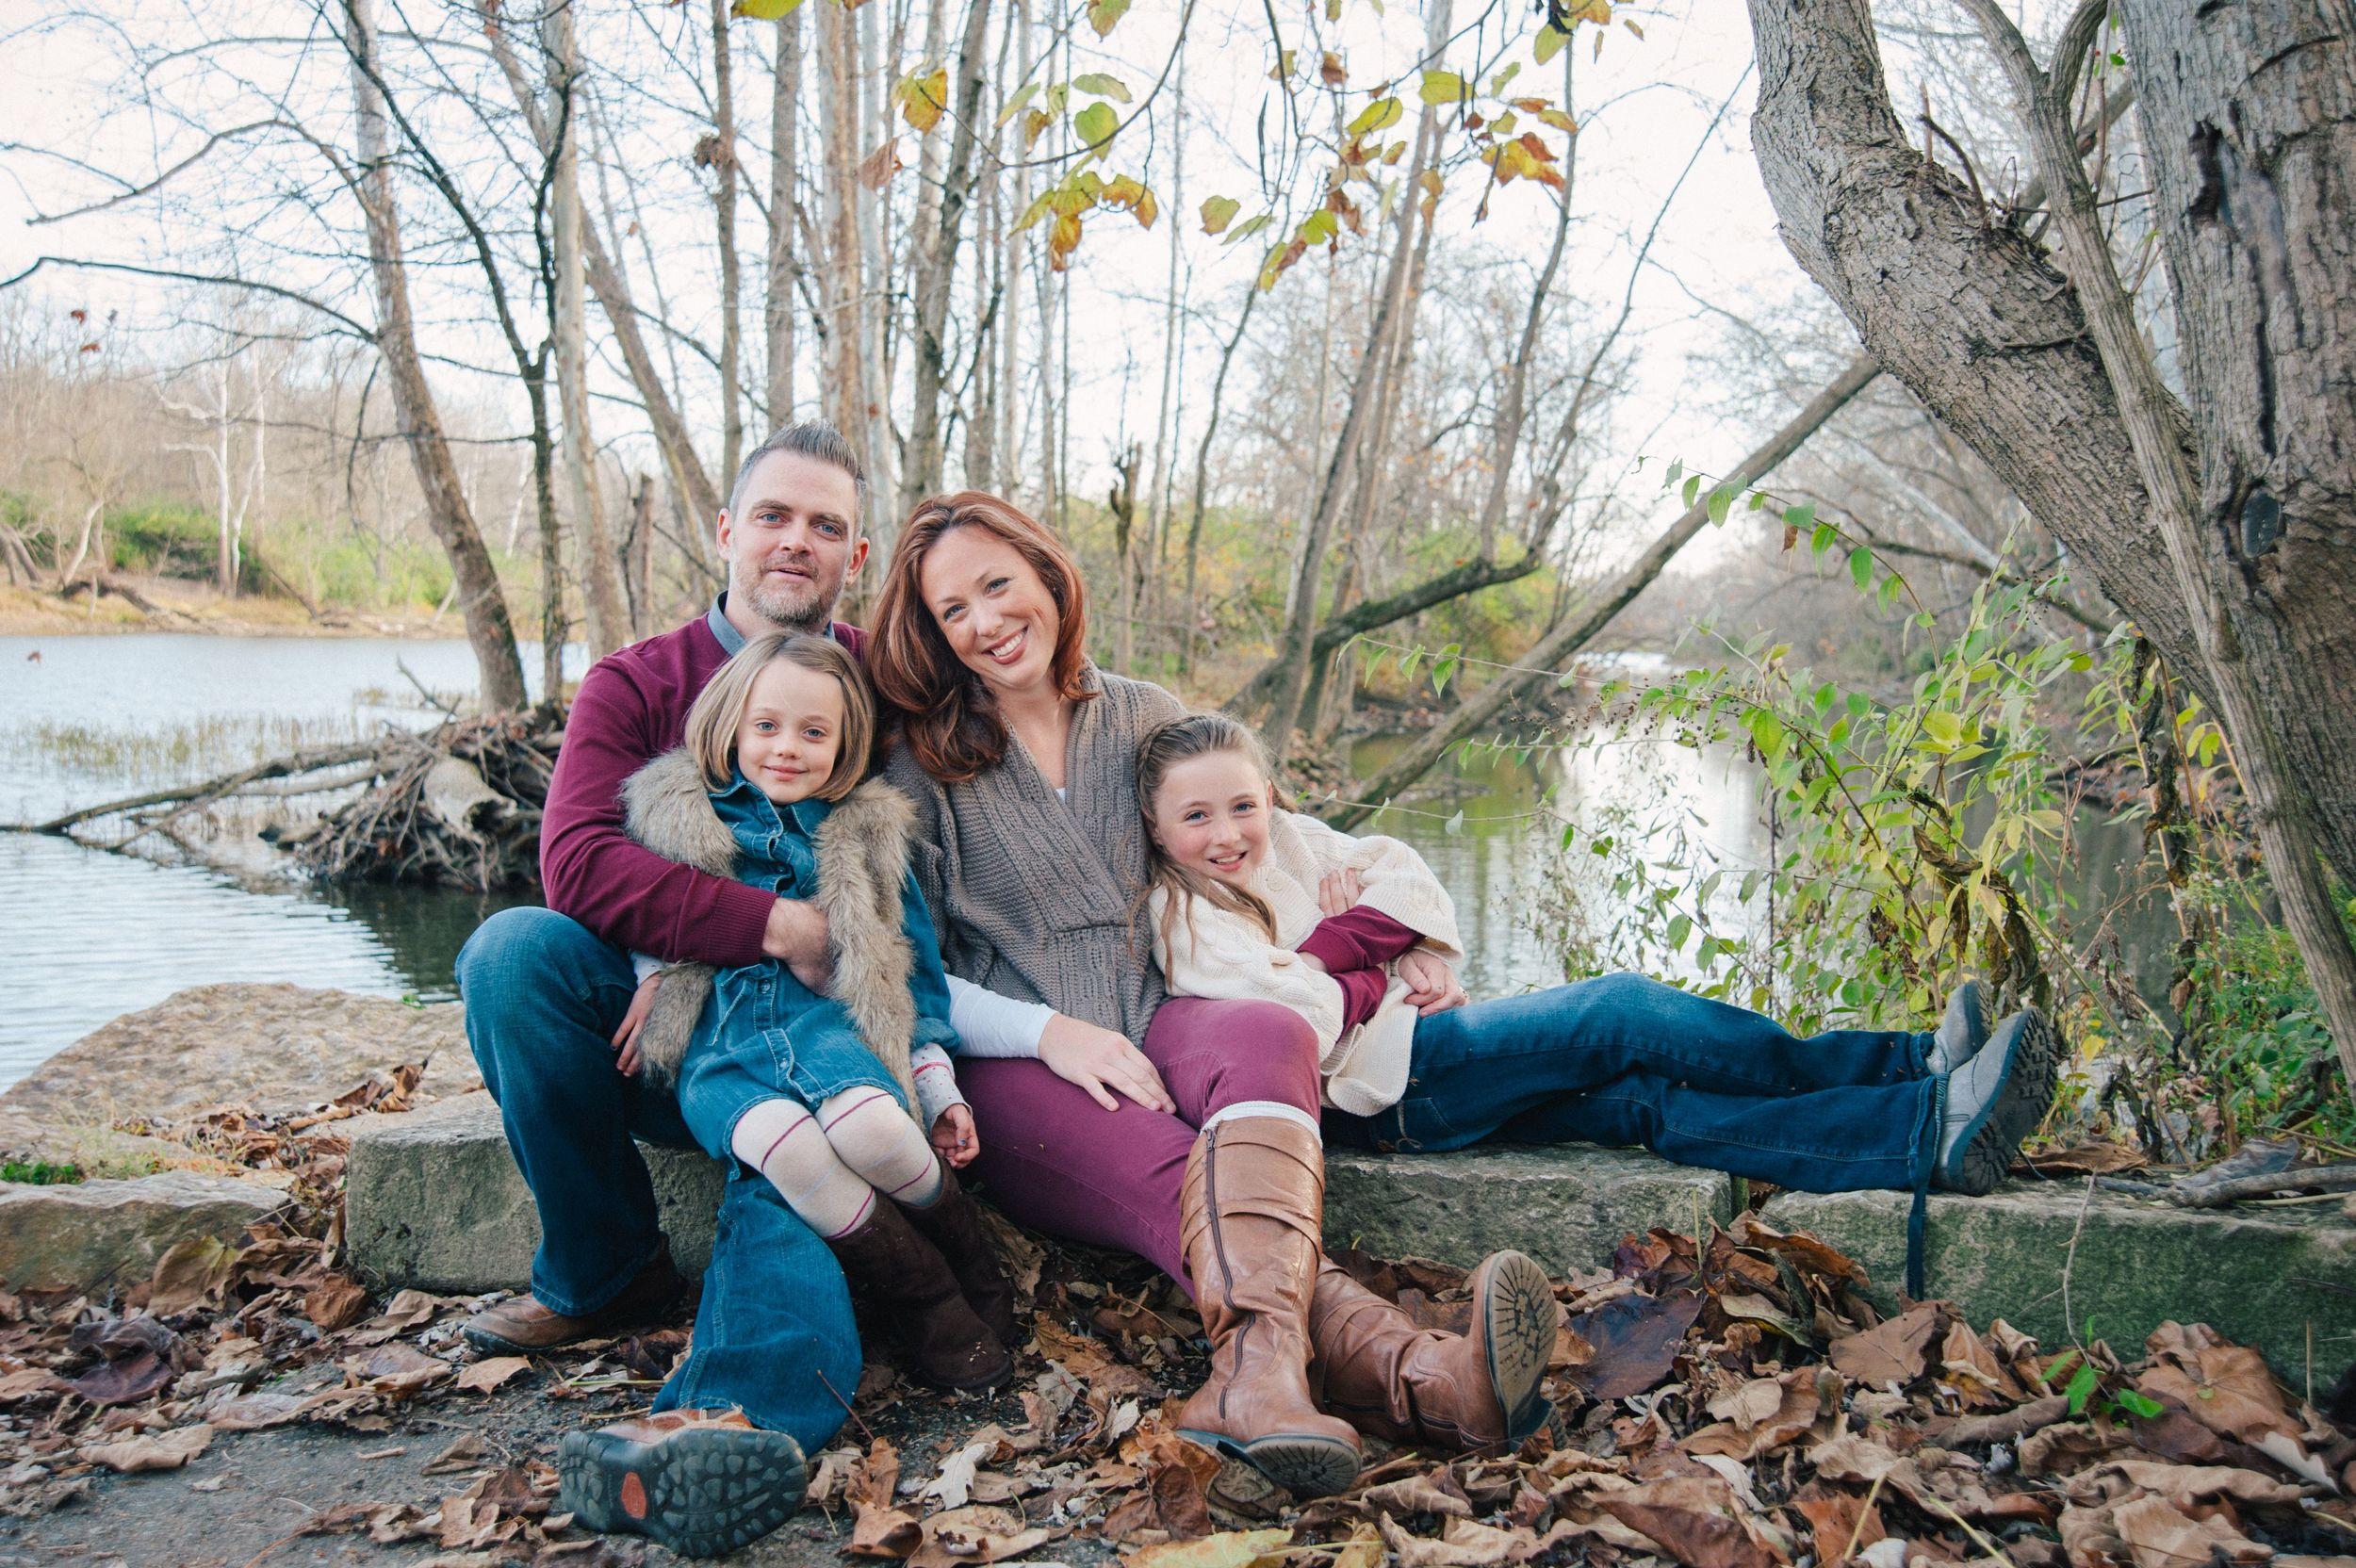 mcnally family7.jpg